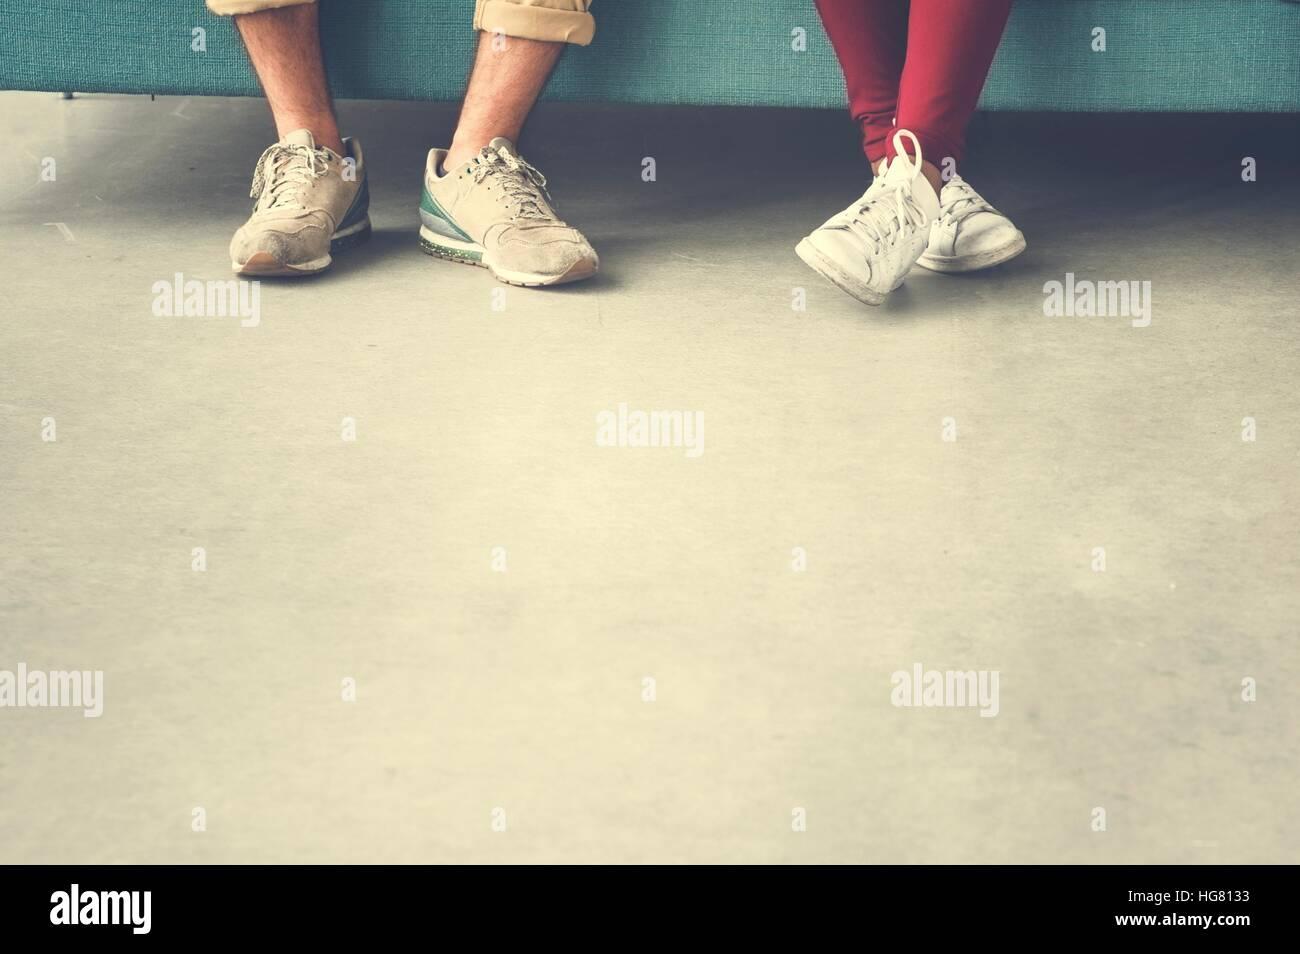 Gruppe von Menschen Beine Kopie Raumkonzept Stockbild